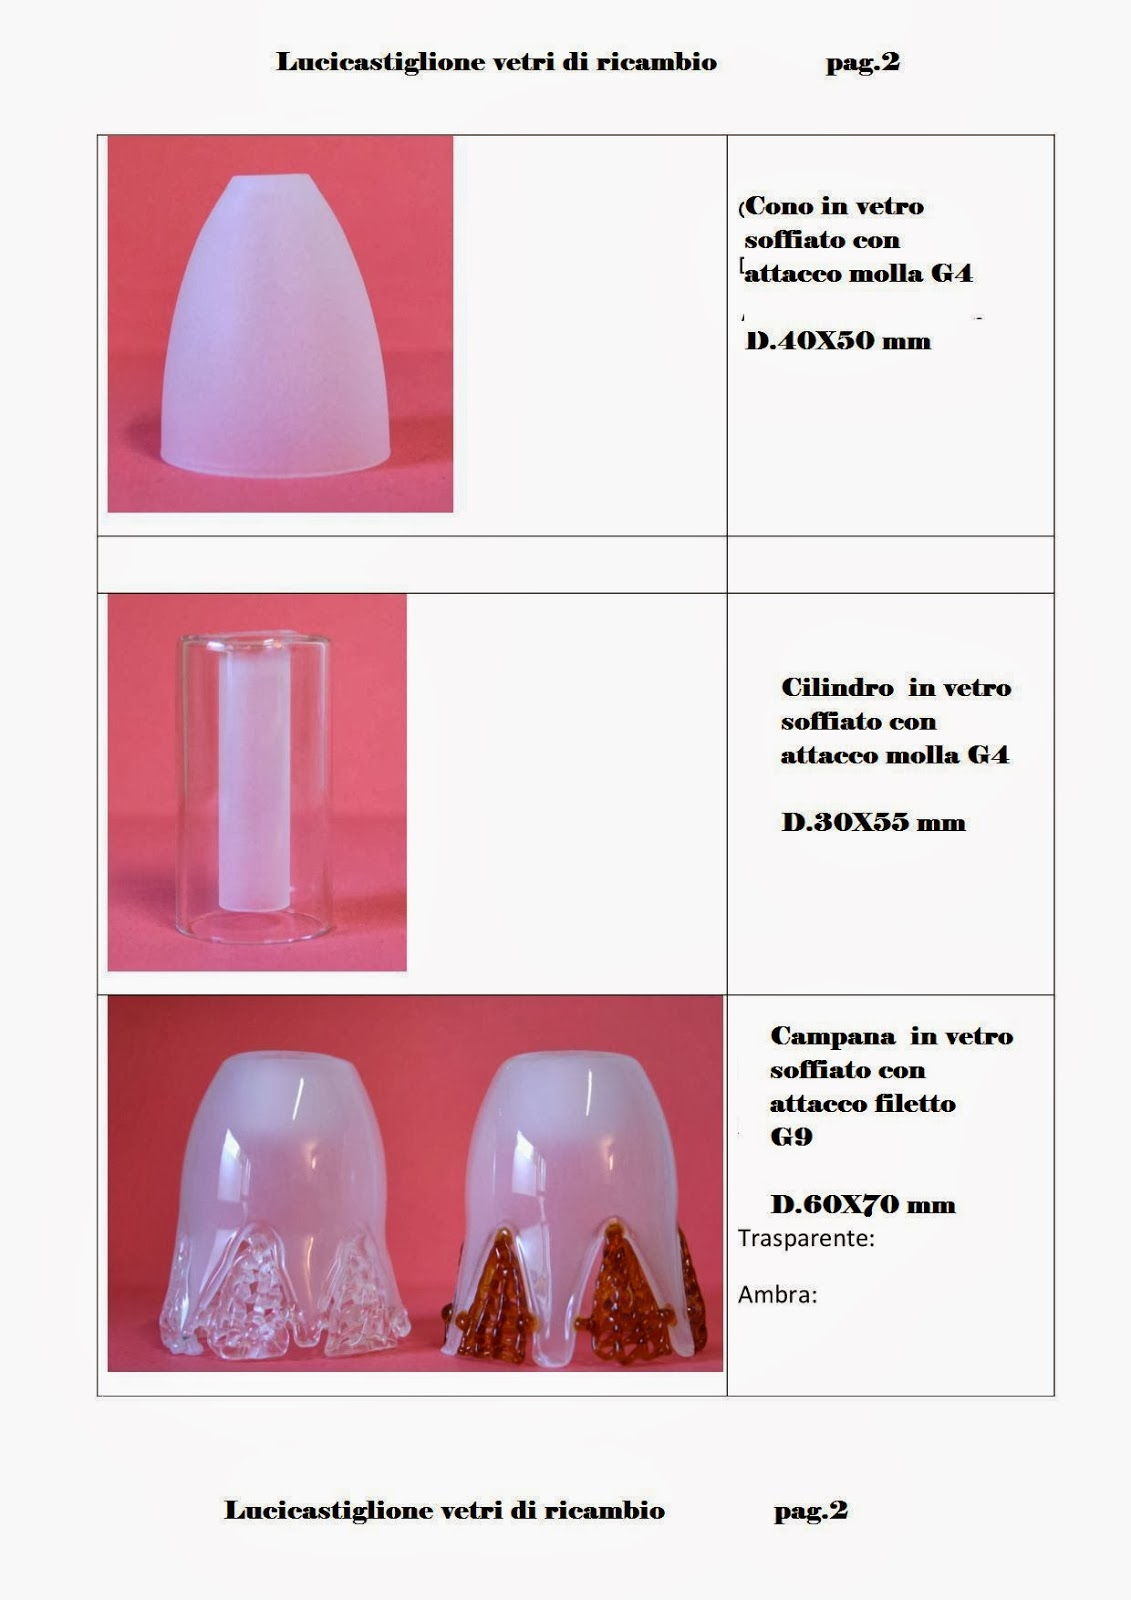 ricambi per lampadari : Ricambi per lampadari in vetro di Murano: Catalogo ricambi in vetro ...